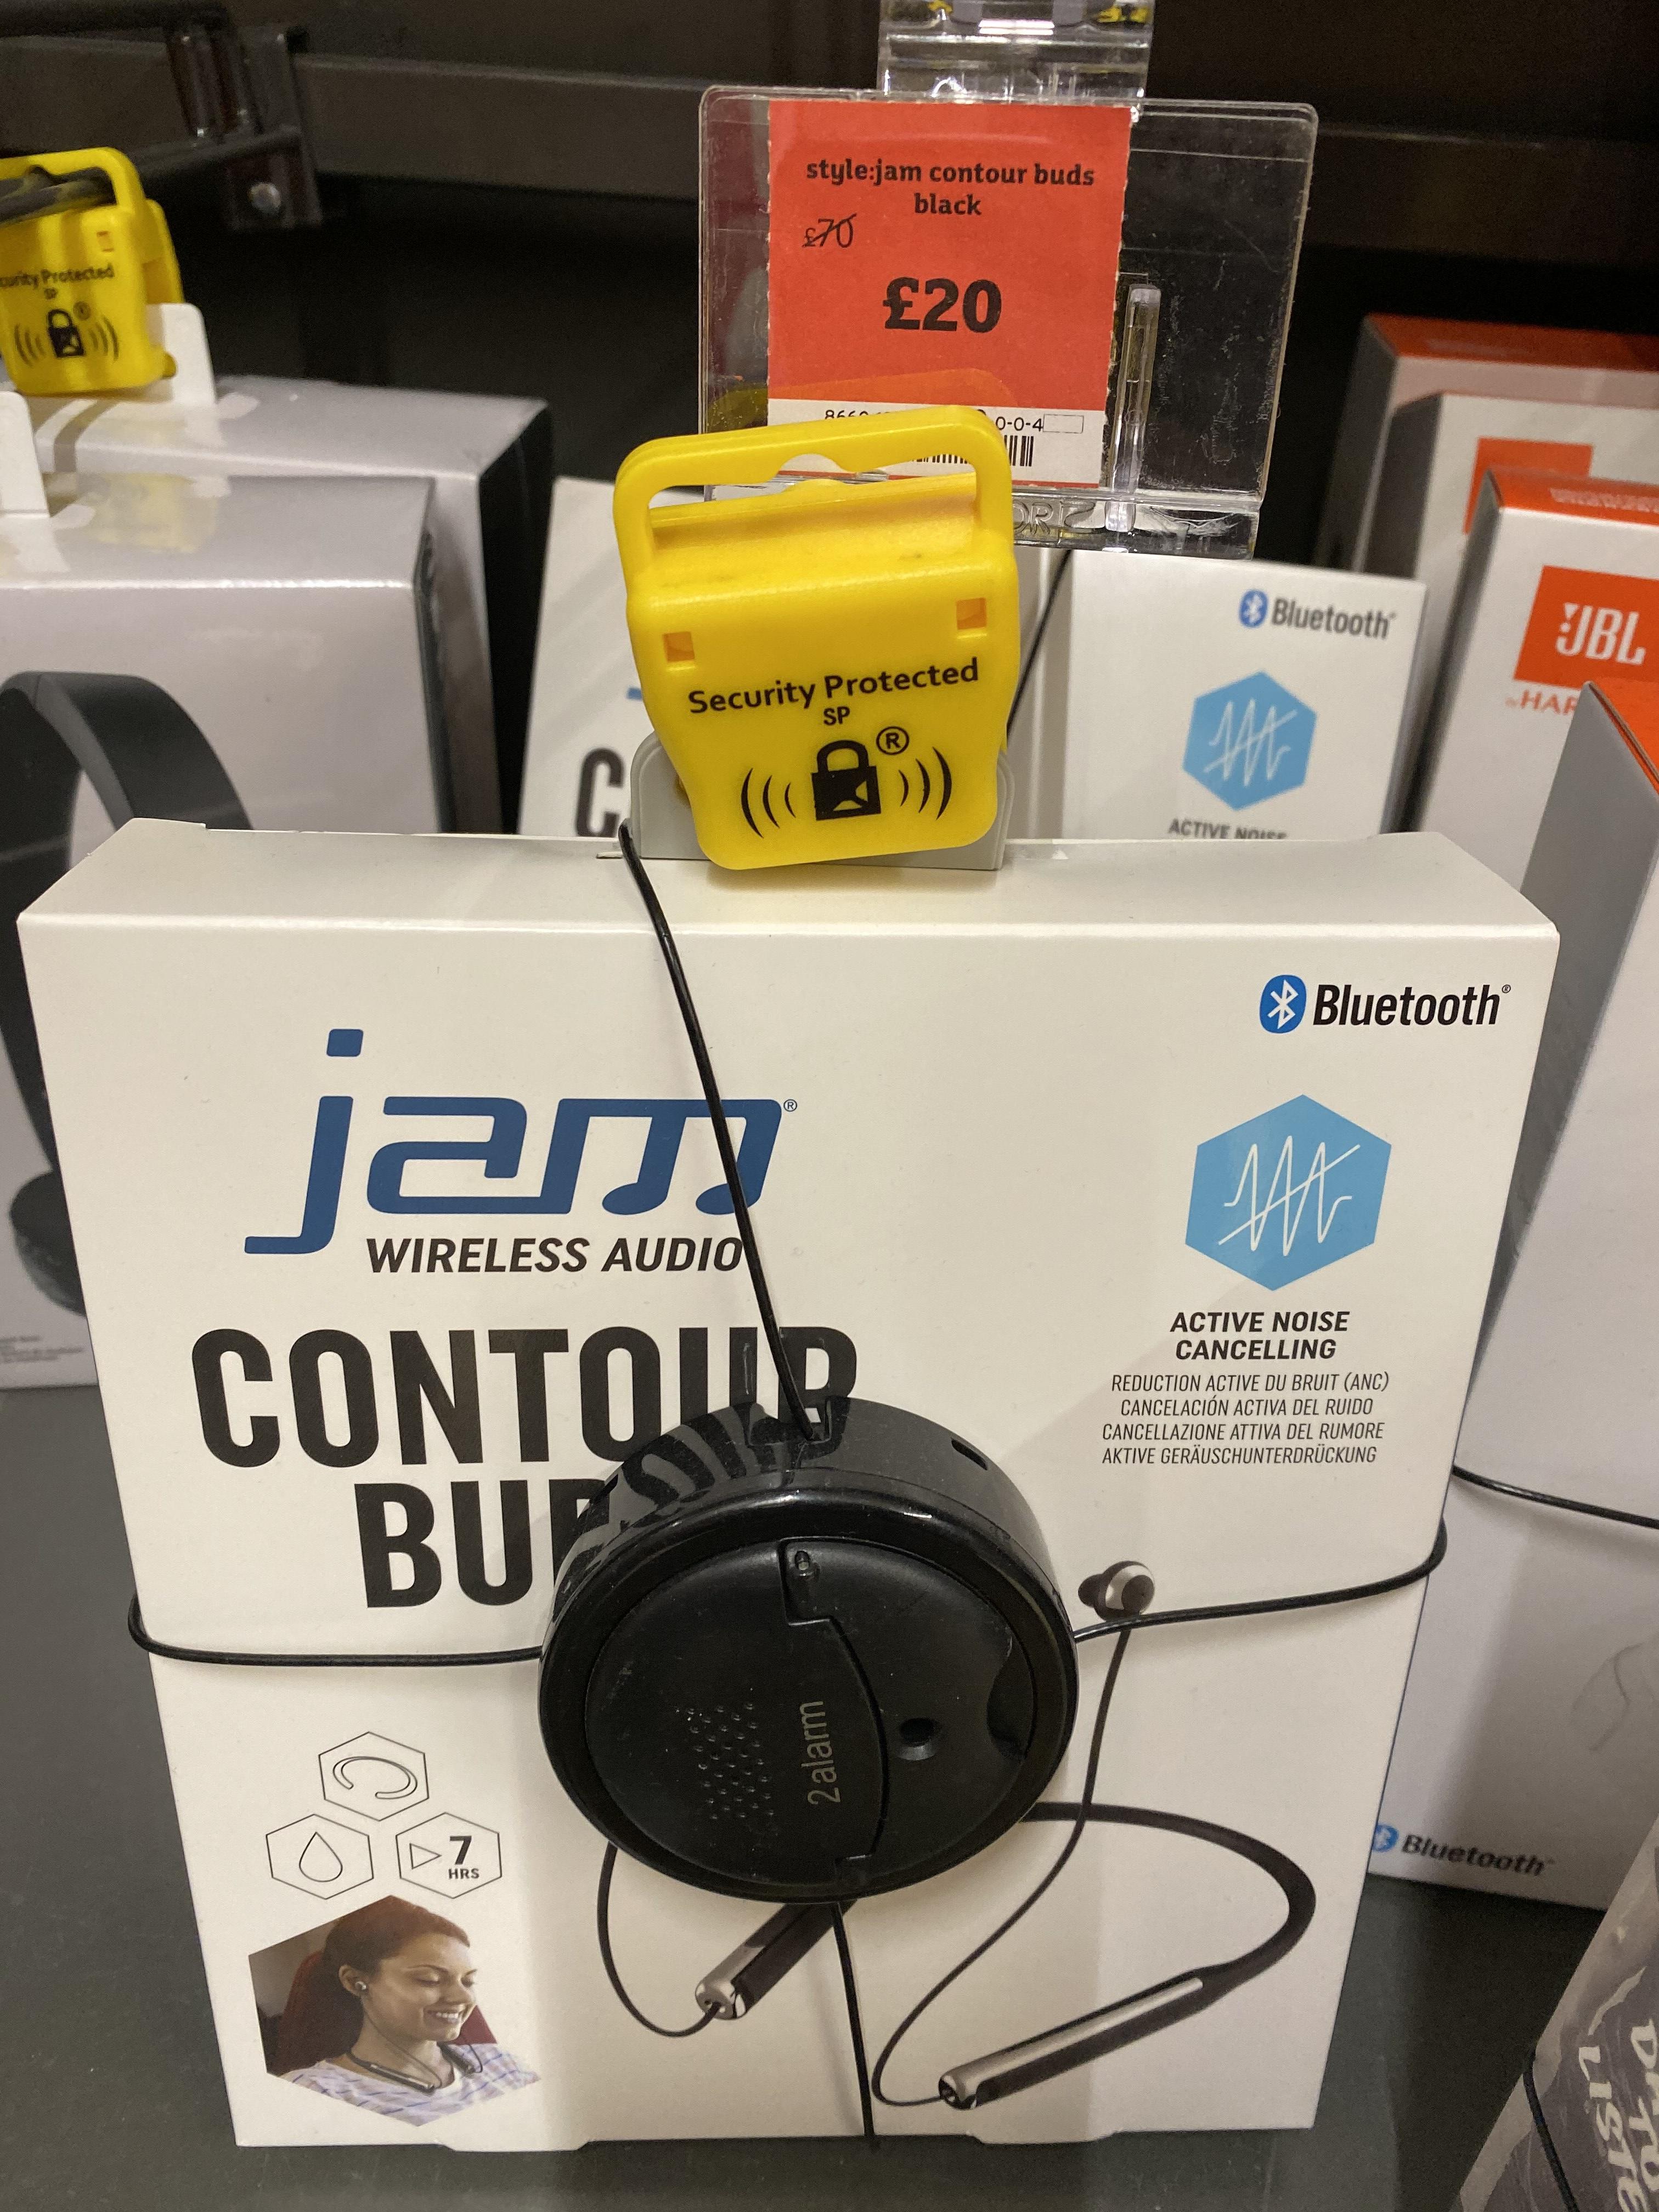 JAM Wireless Contour Buds - £20 at Sainsbury's Edinburgh